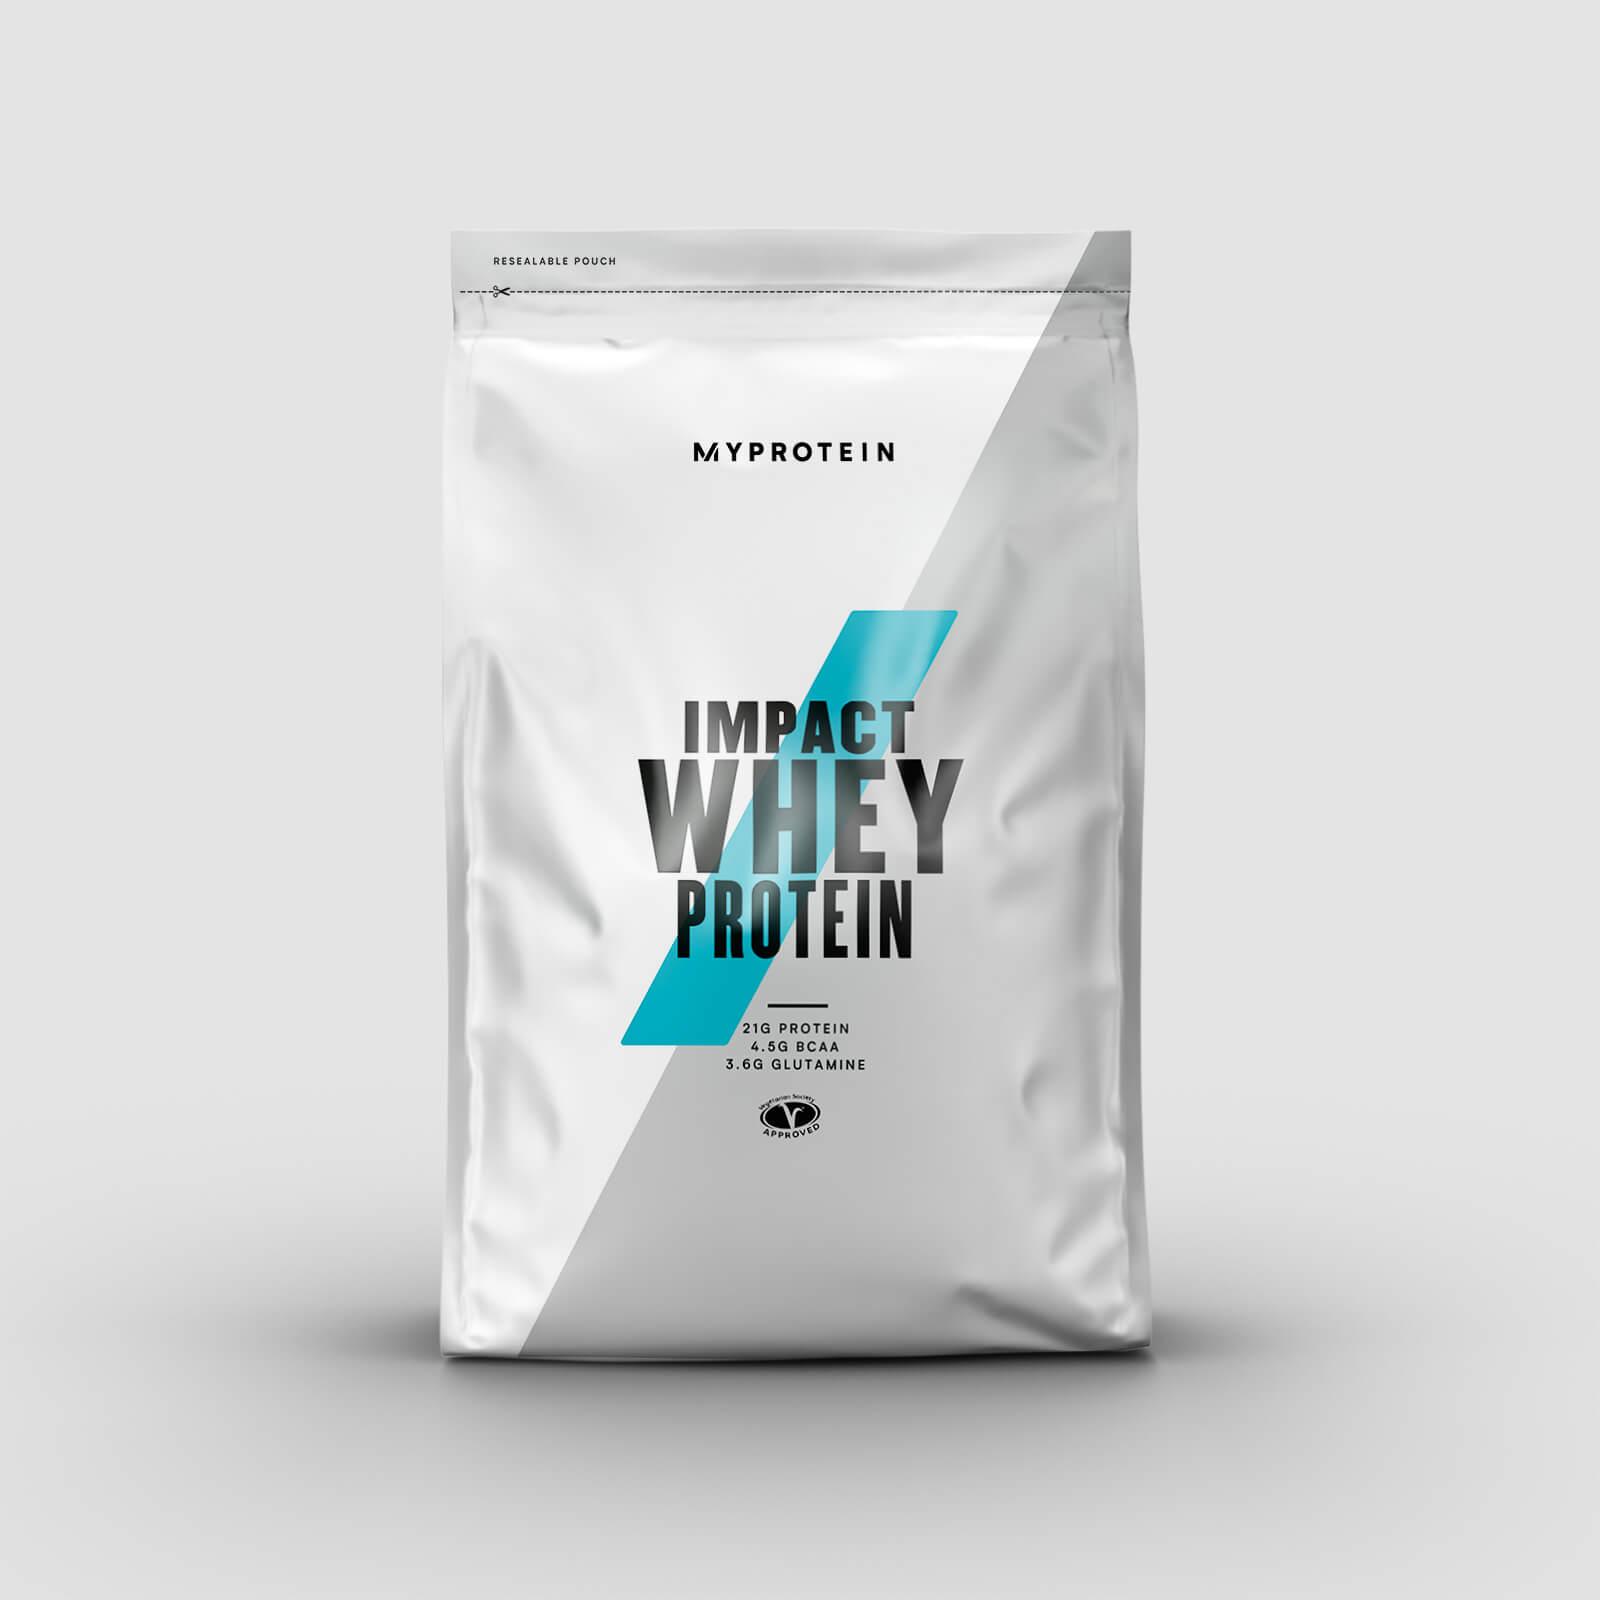 Myprotein Impact Whey Protein - 1kg - Marzipan